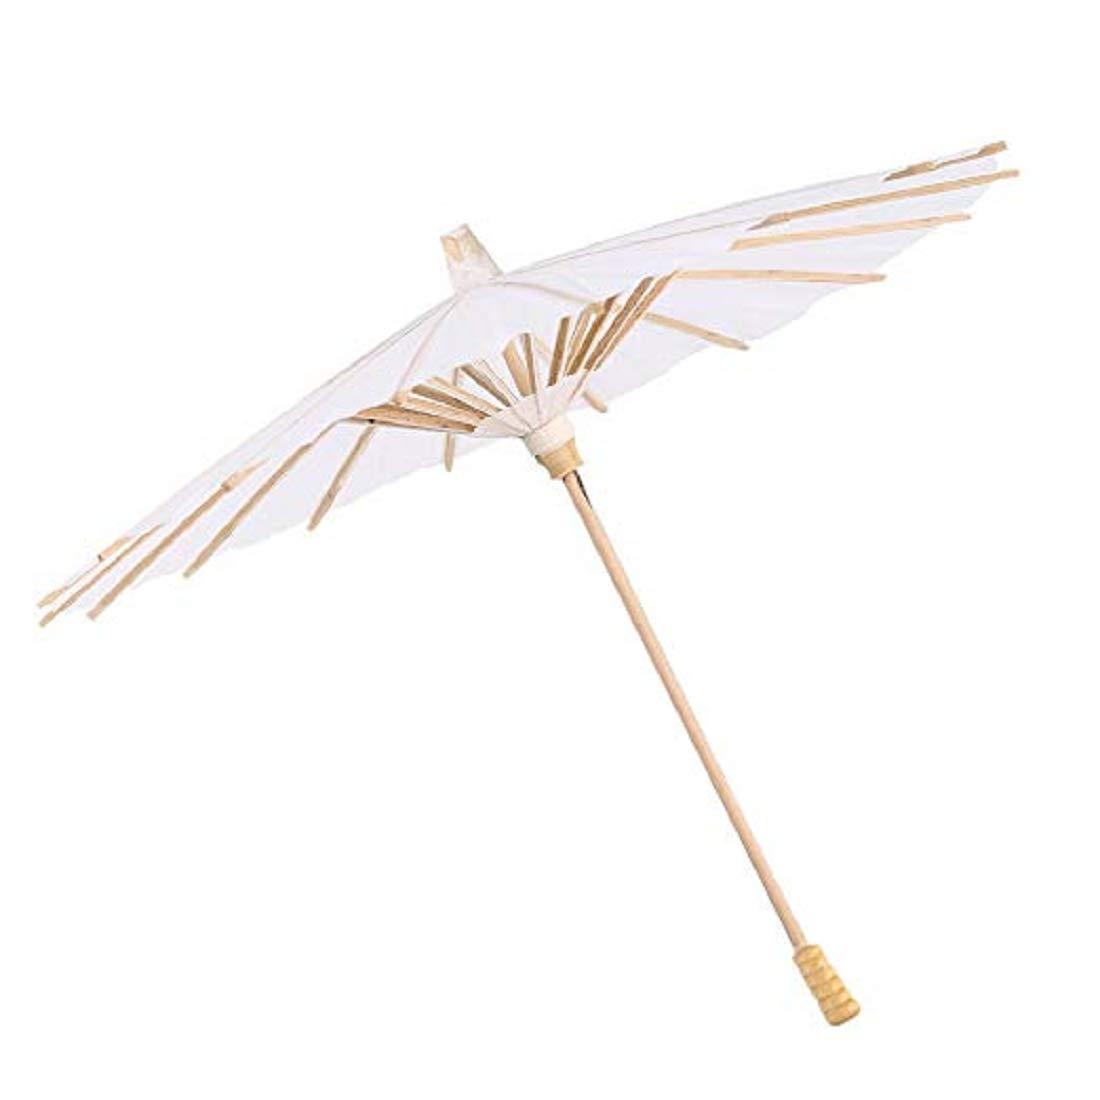 Chinois en Bambou Parasol Parapluie,Vennisa Blanc Mariage Tournage Parasol Fait à La Main Ombrelle Mariage Parasol Mariage Décor Danse Photo Cosplay Prop (Blanc, 22CM)